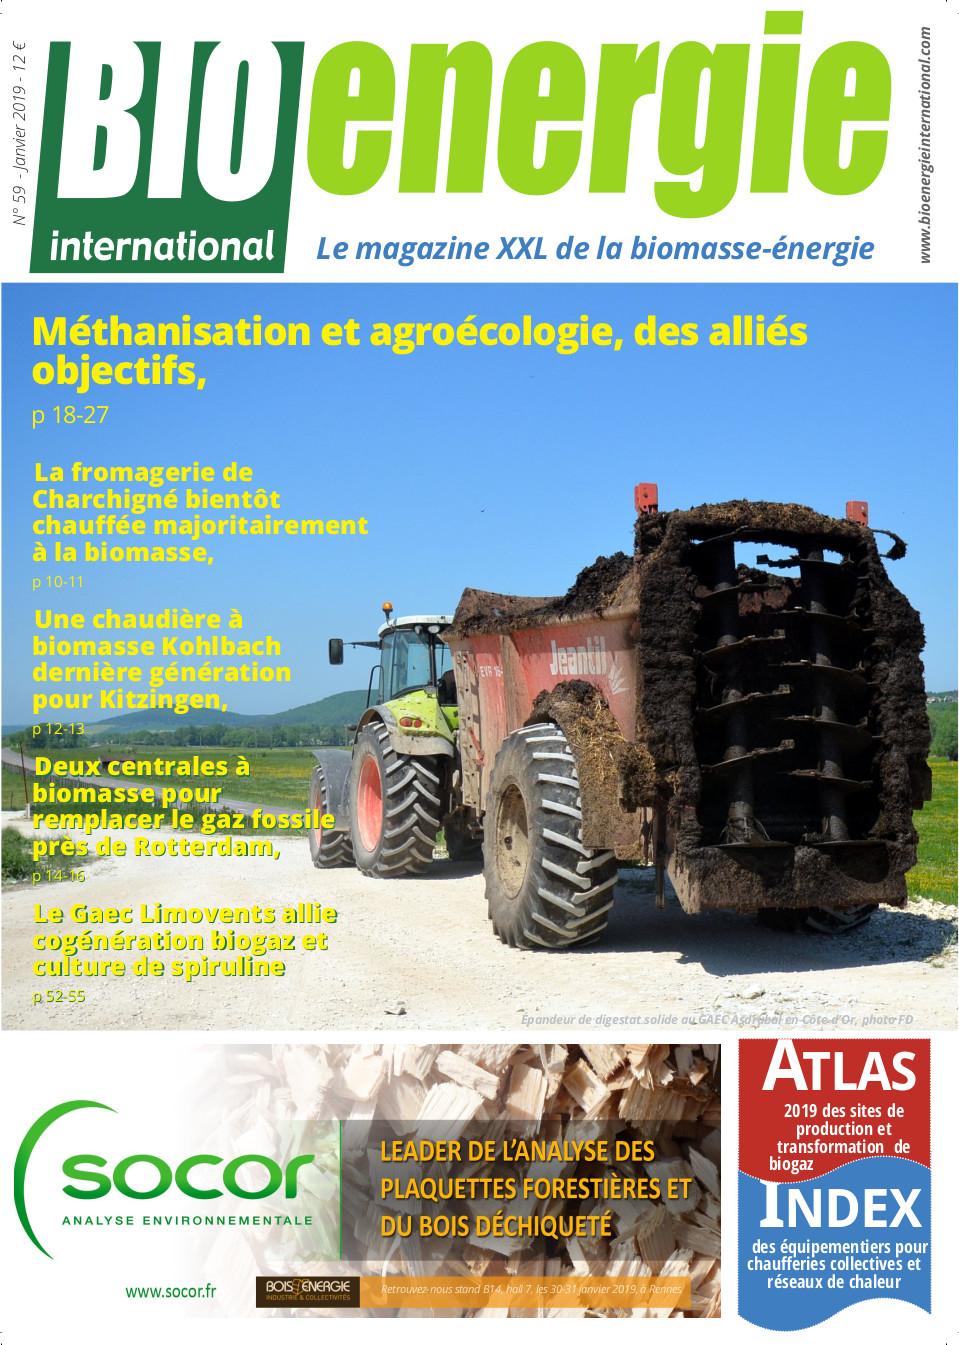 Bioénergie International n°59 – Janvier 2019